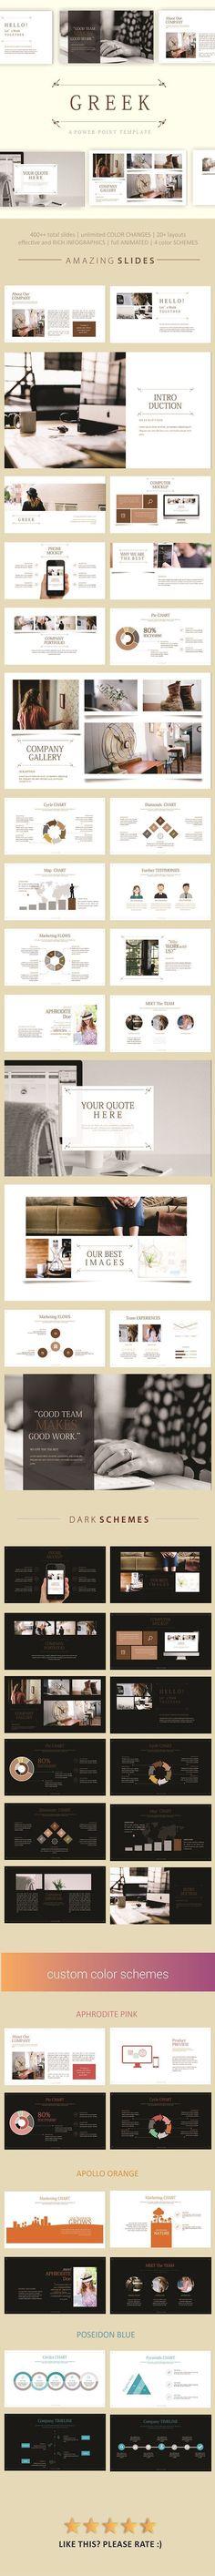 Presentation template #simple #minimalist